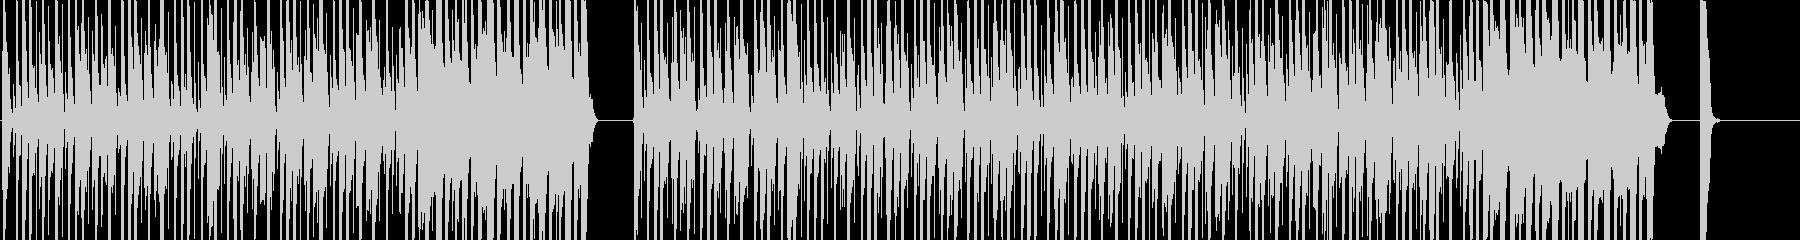 カッティングが強めのロックな曲の未再生の波形